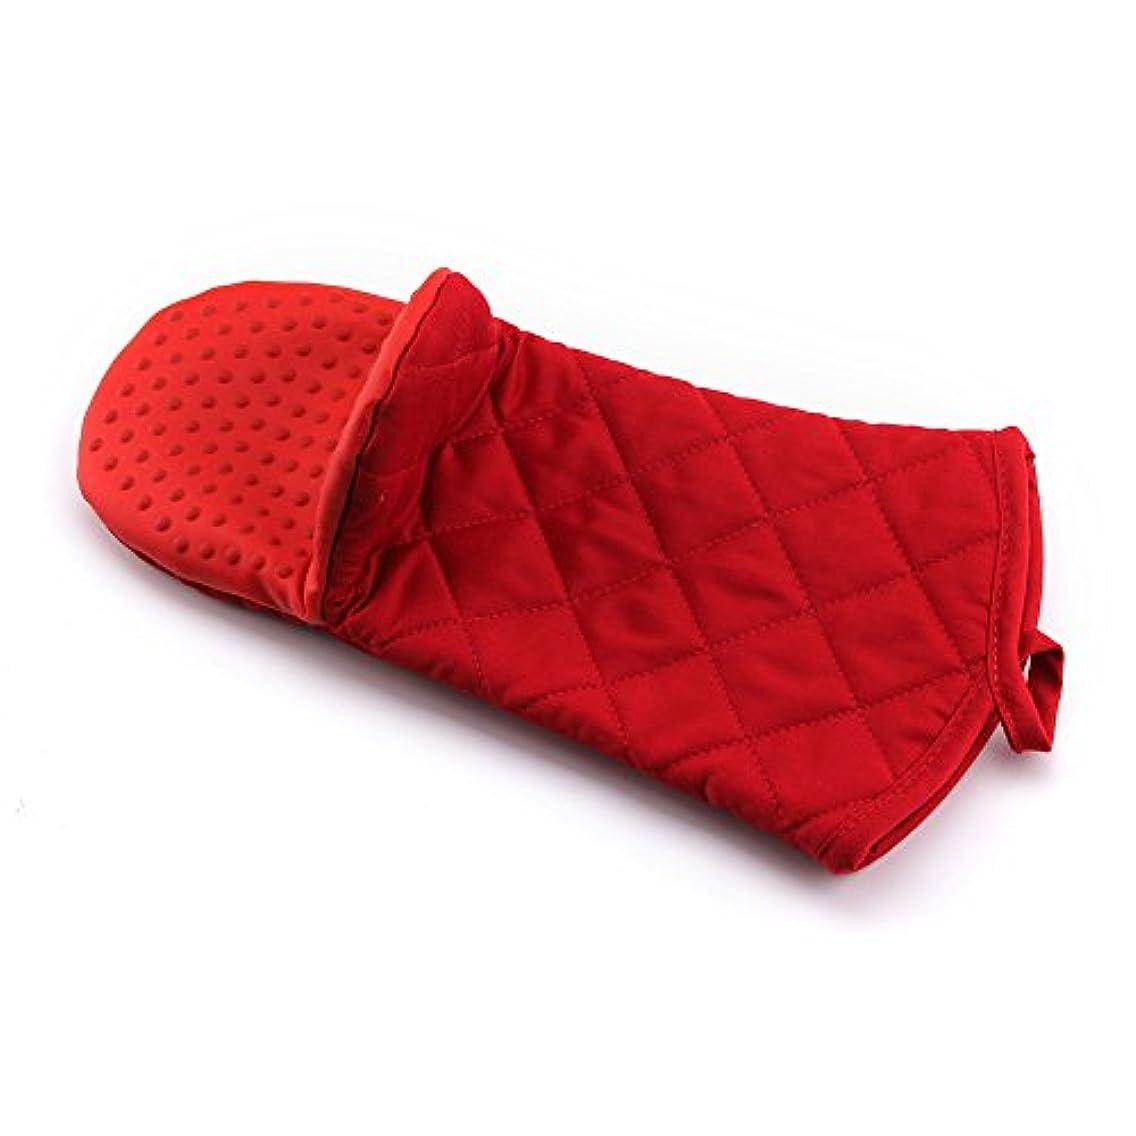 吸収切り離す崇拝するOUYOU 耐熱グローブ シリコンチェック 耐熱温度280℃ キッチングローブ オーブンミトン シリコン手袋 滑り止め クッキング用 フリーサイズ 2個セット